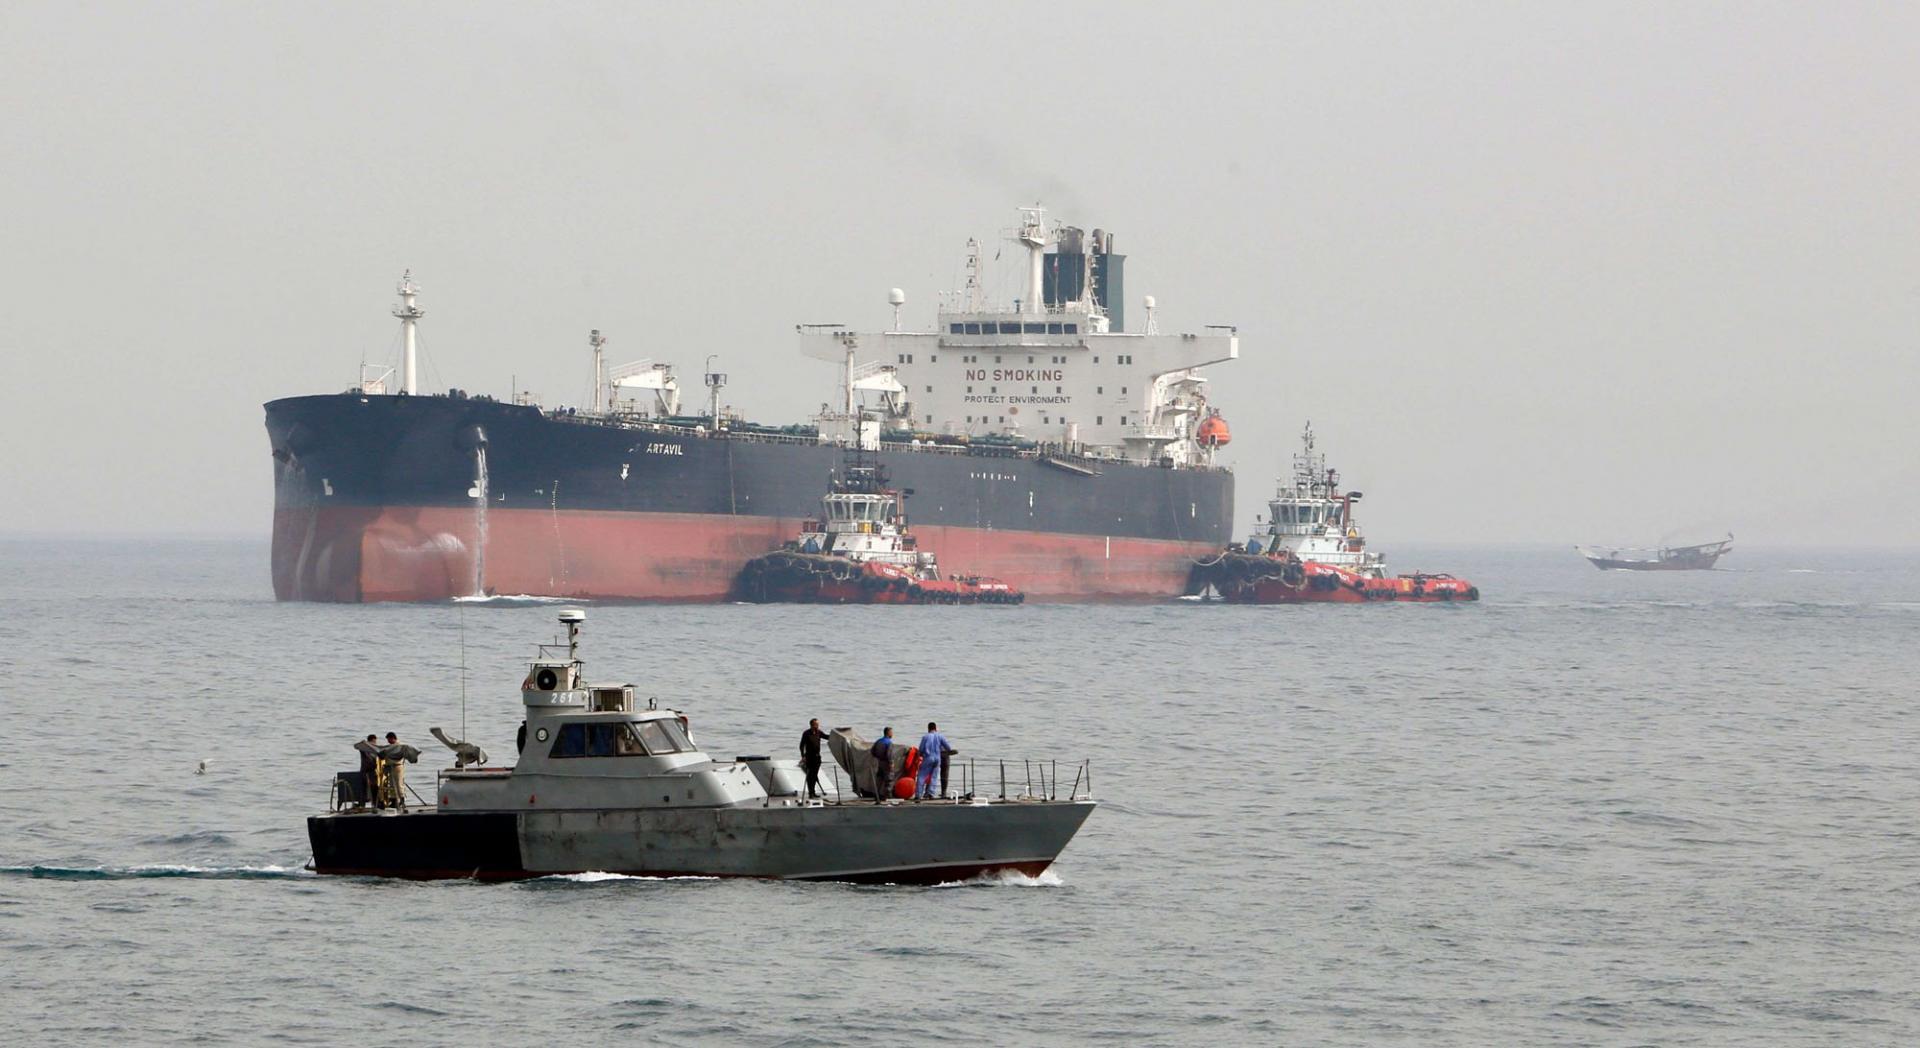 الجيش الامريكي يتهم الحرس الثوري بمهاجمة سفن بالخليج